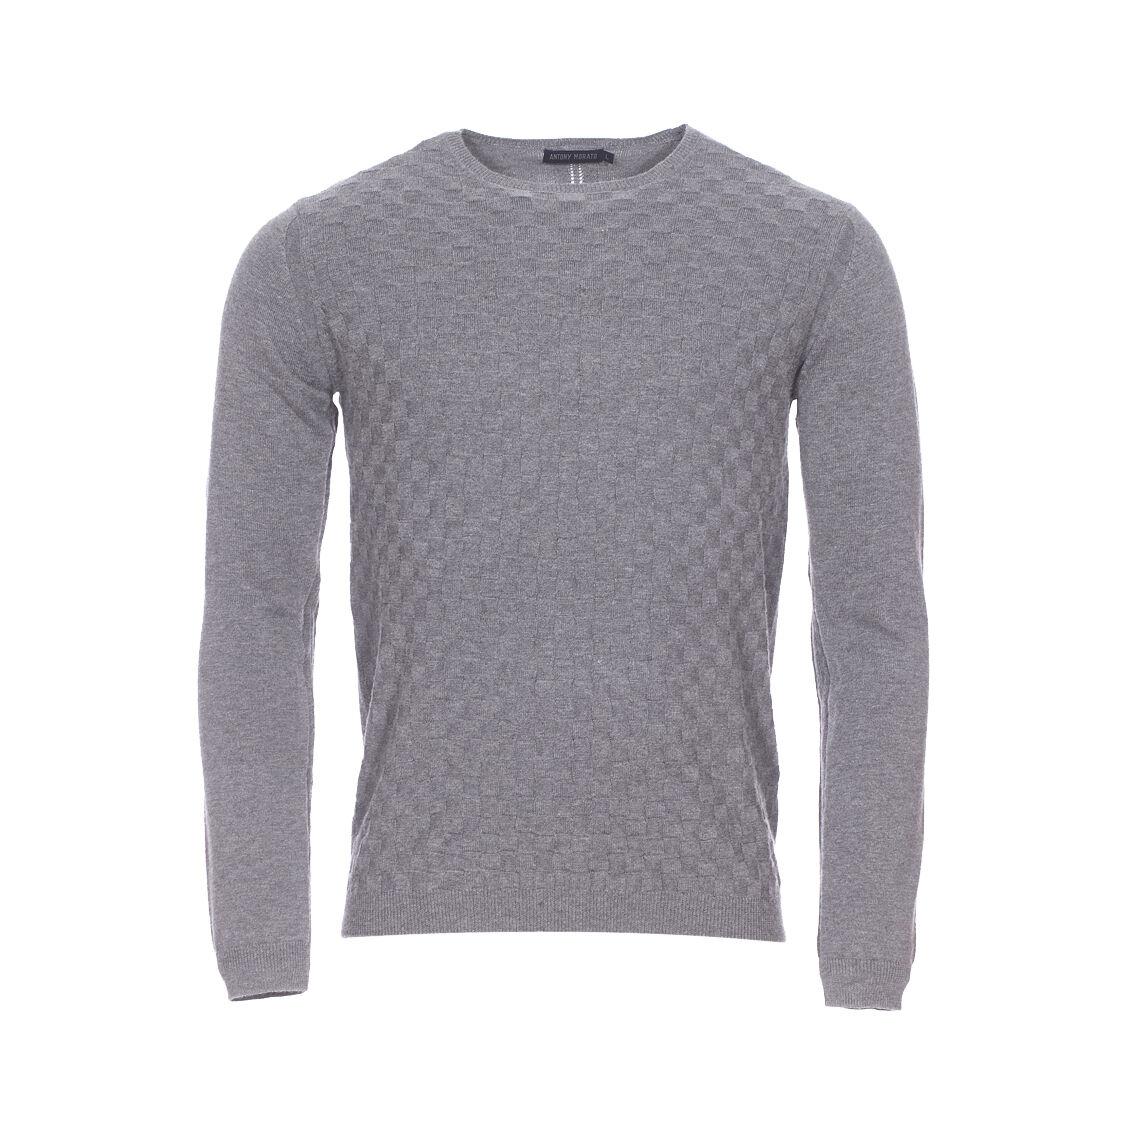 Antony Morato Pull col rond Antony Morato en coton et laine gris, effet quadrillé - GRIS -